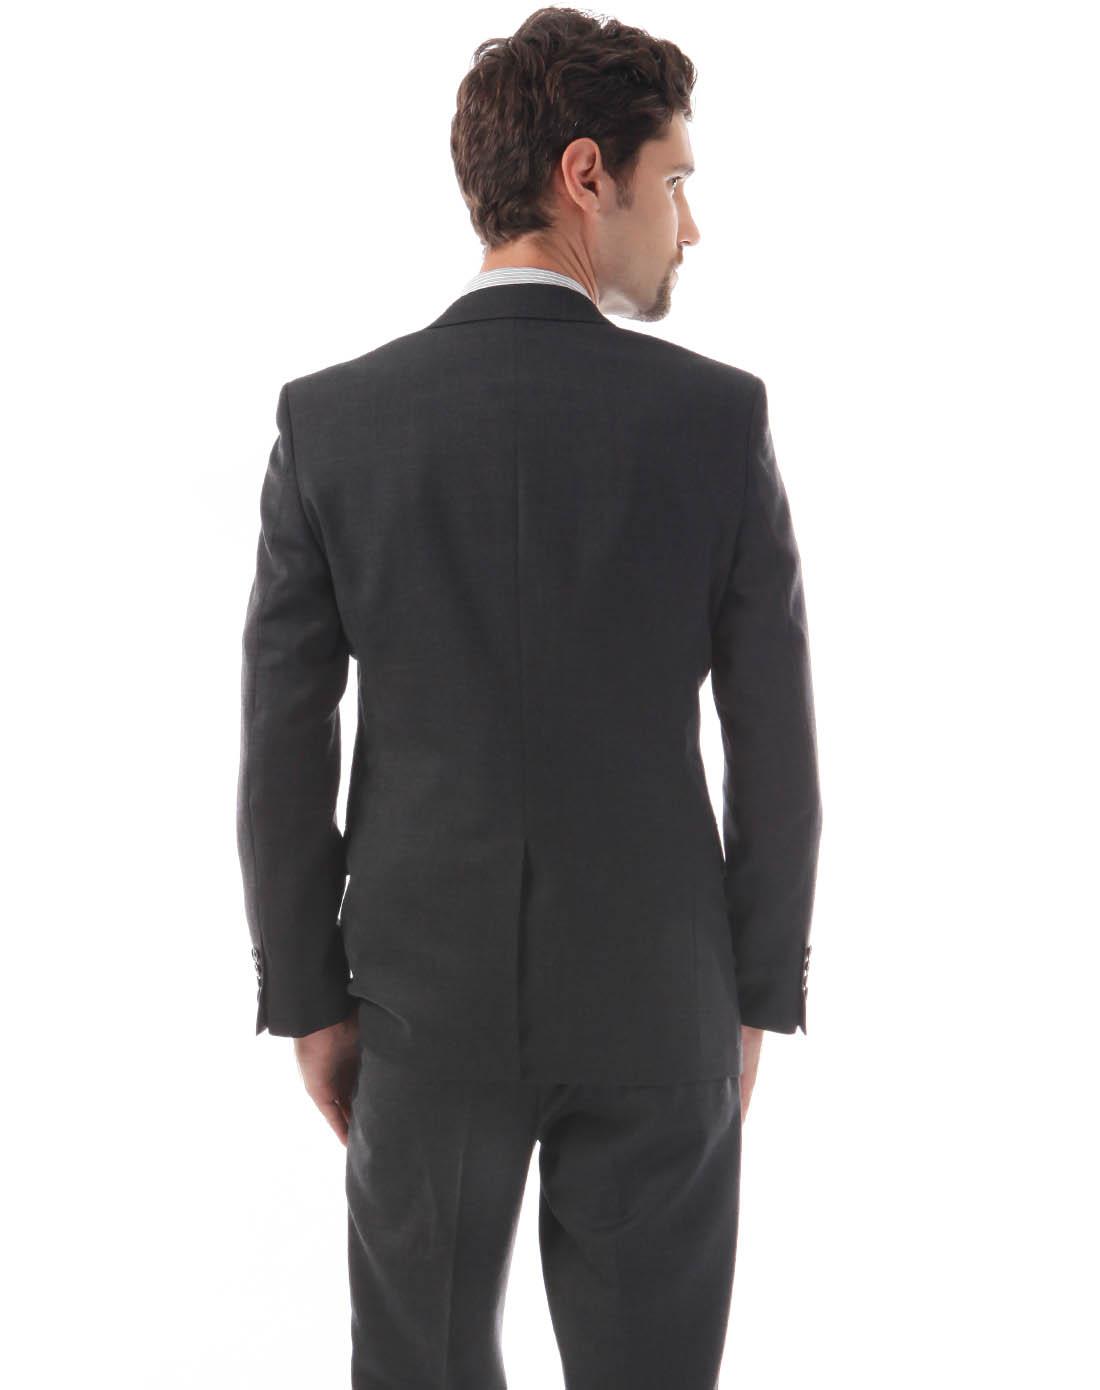 男士炭灰色商务正装纯色西服